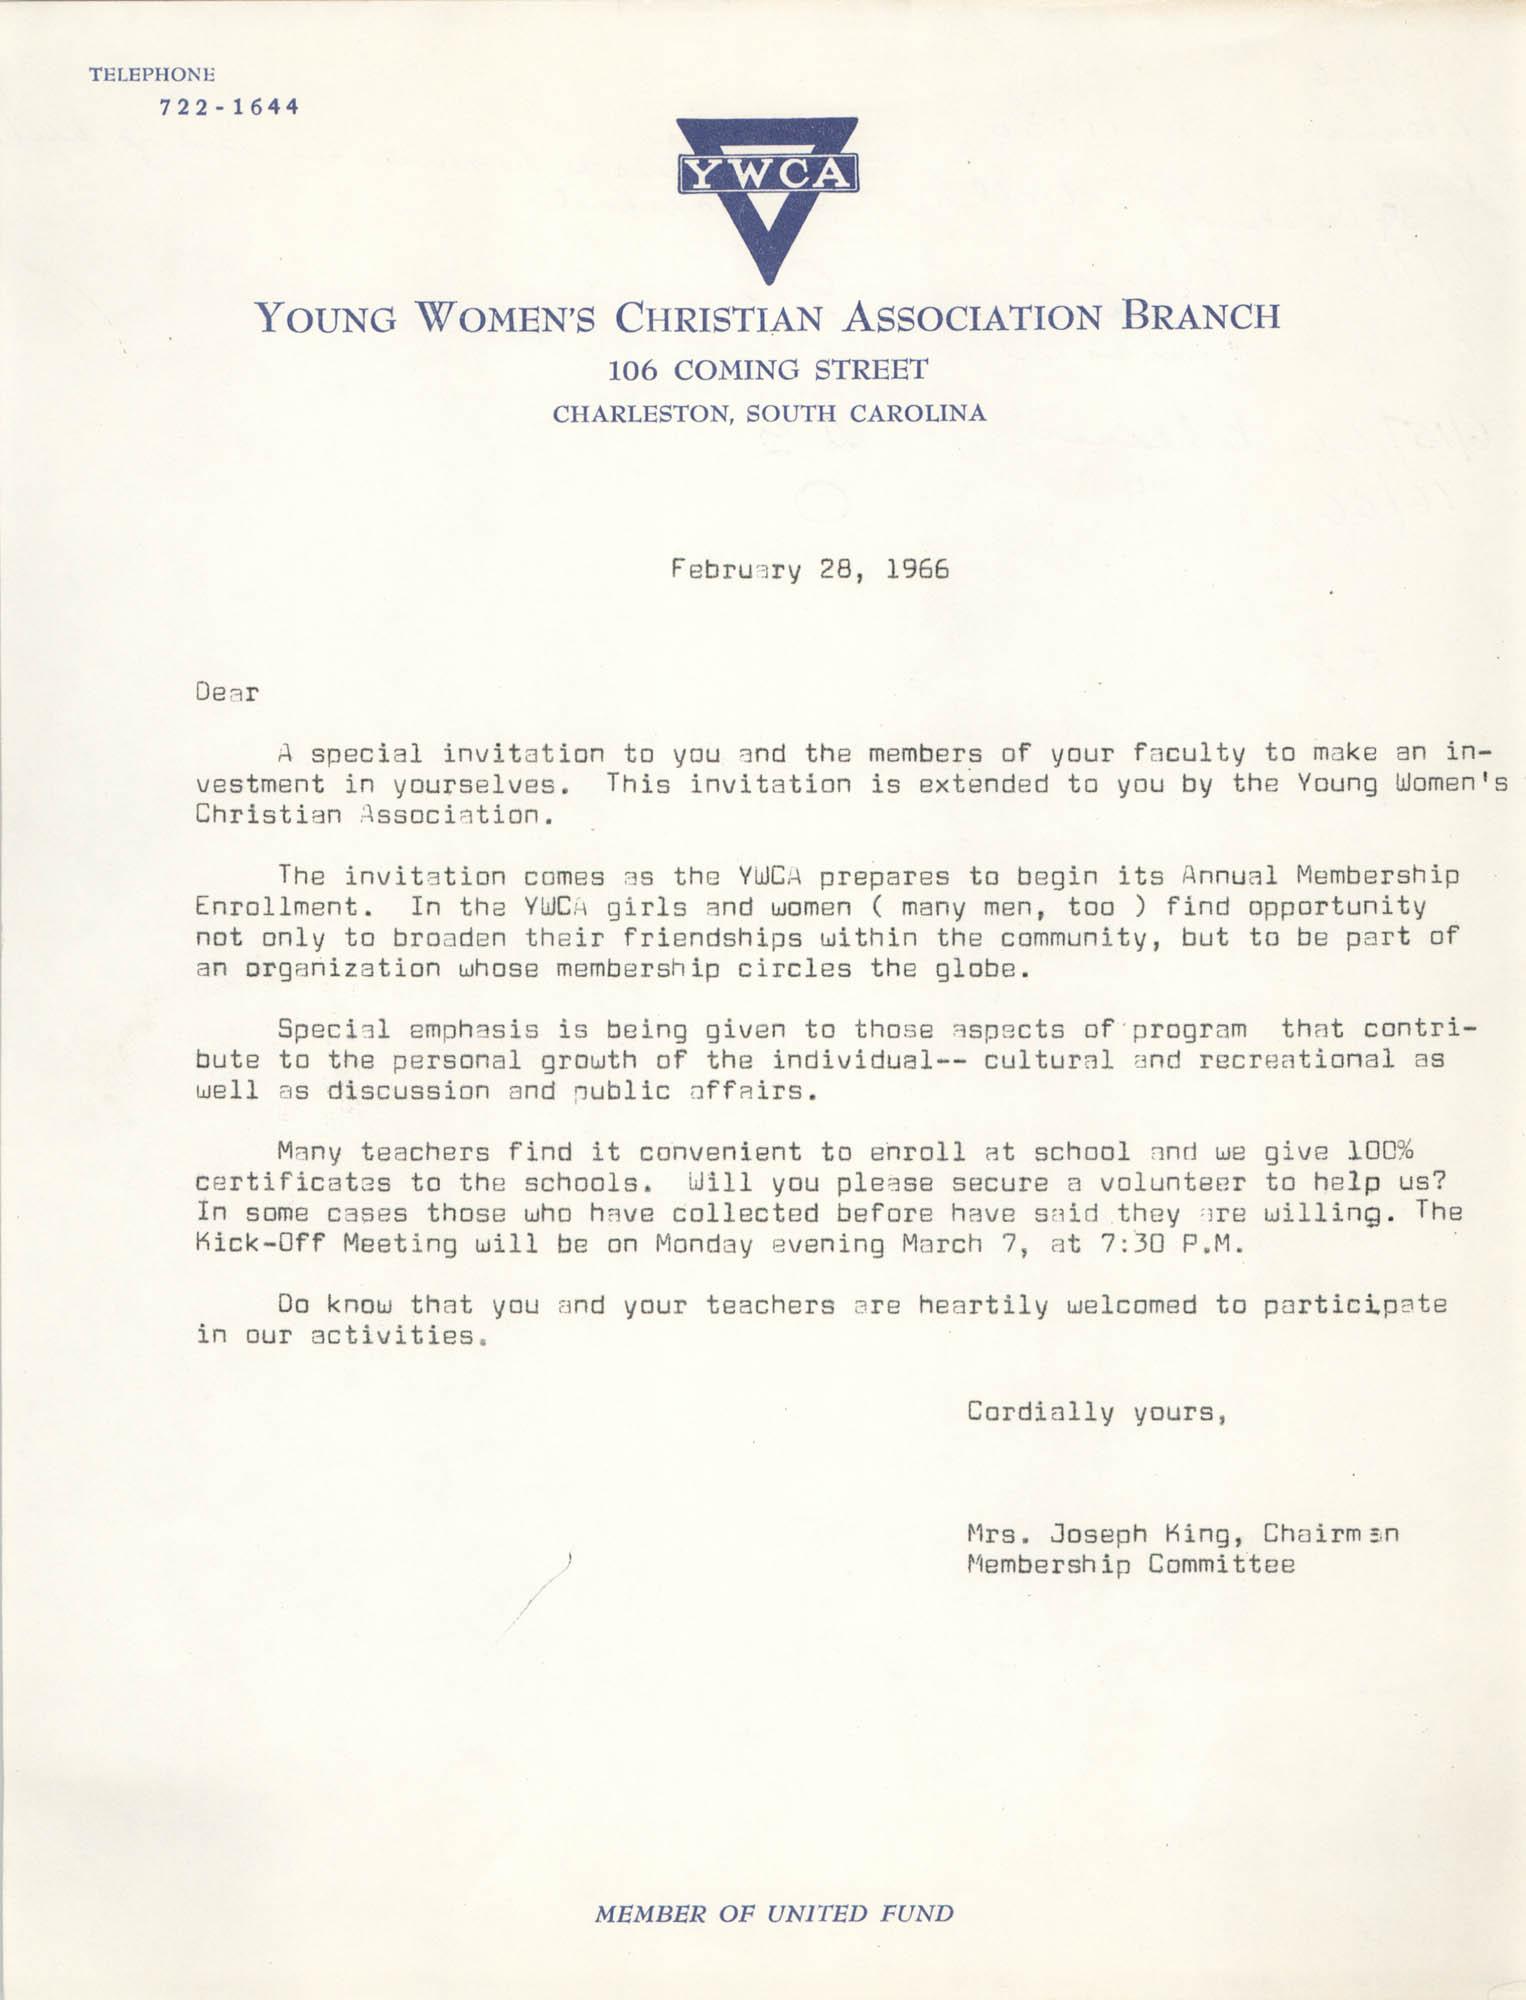 Letter from Mrs. Joseph King, February 28, 1966